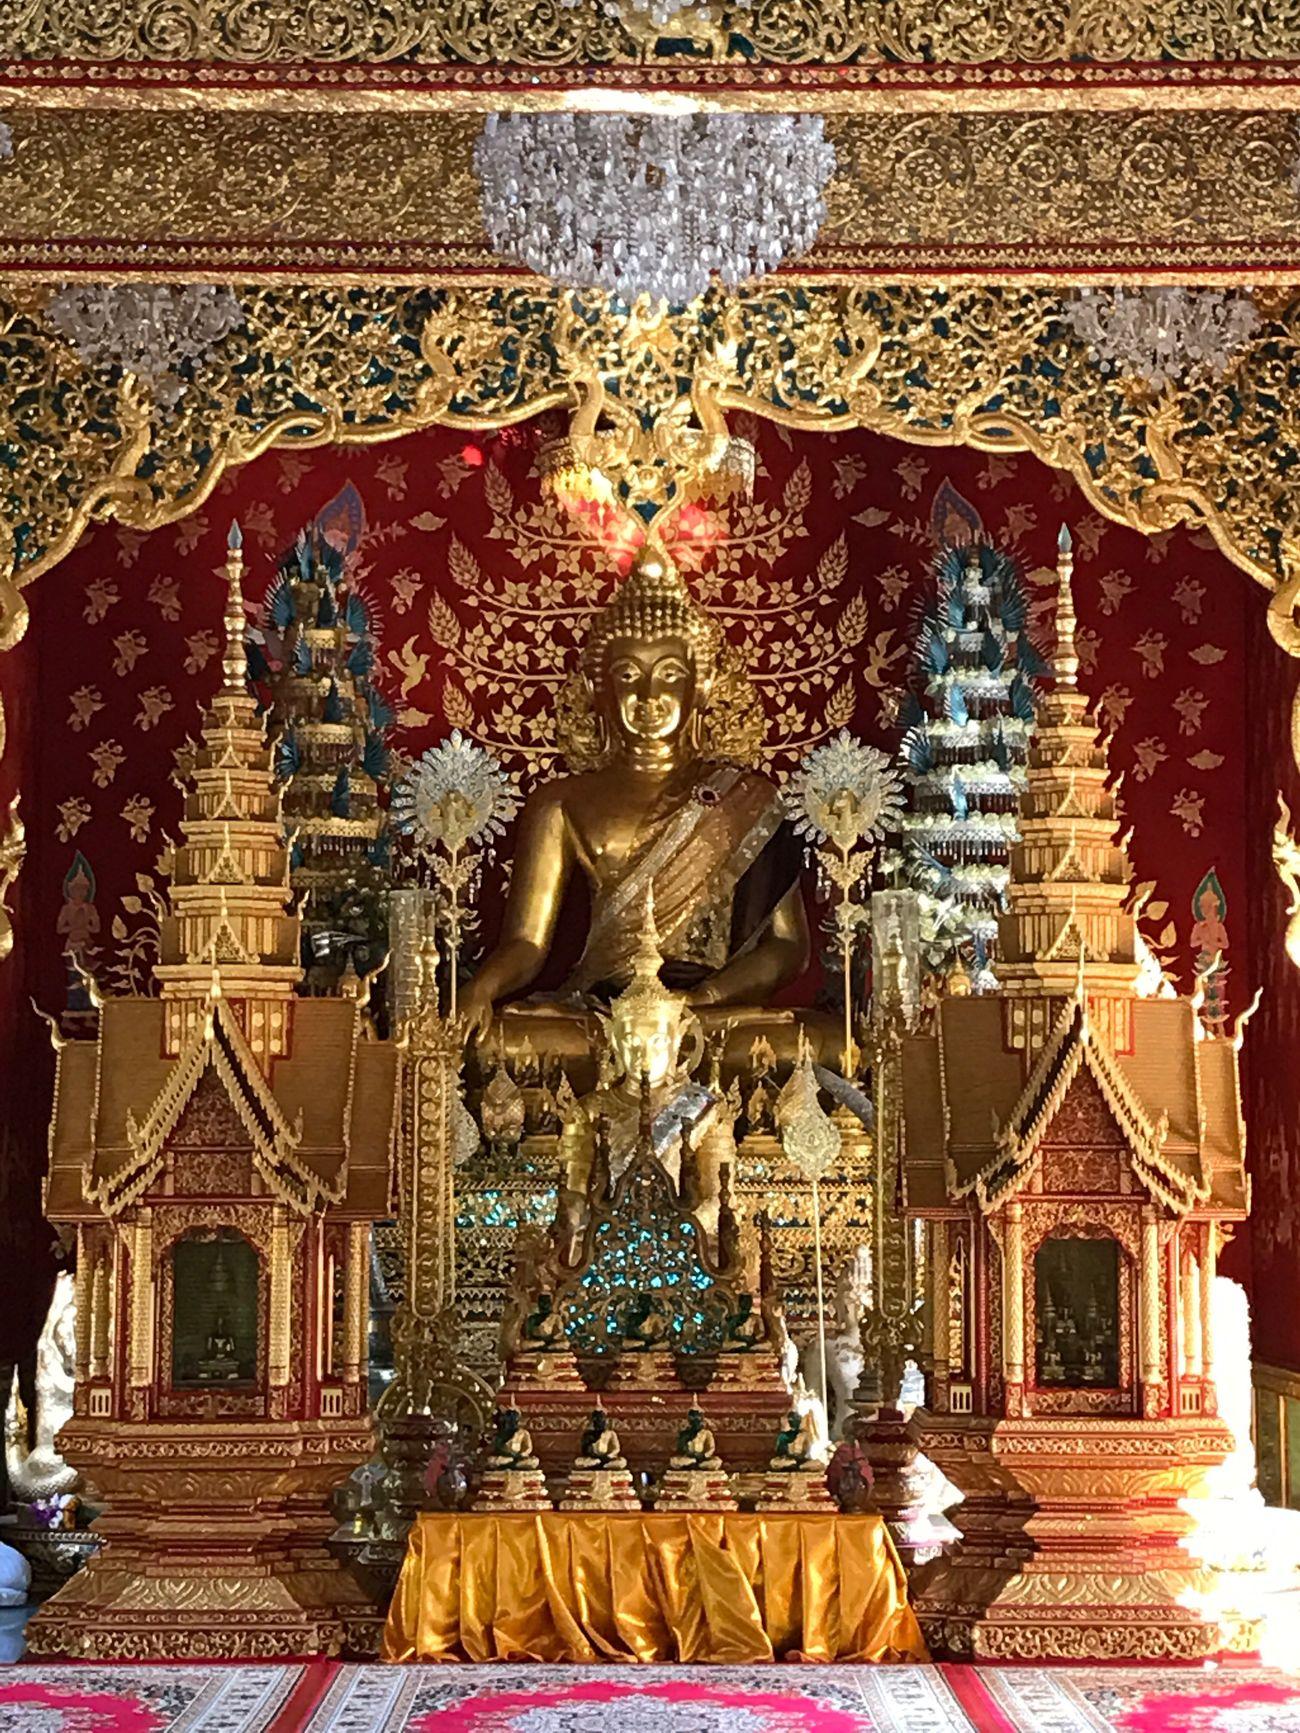 วัดพระธาตุ 4 รอย Religion Gold Colored Gold Place Of Worship Spirituality Male Likeness Human Representation Art And Craft Statue Indoors  No People Day